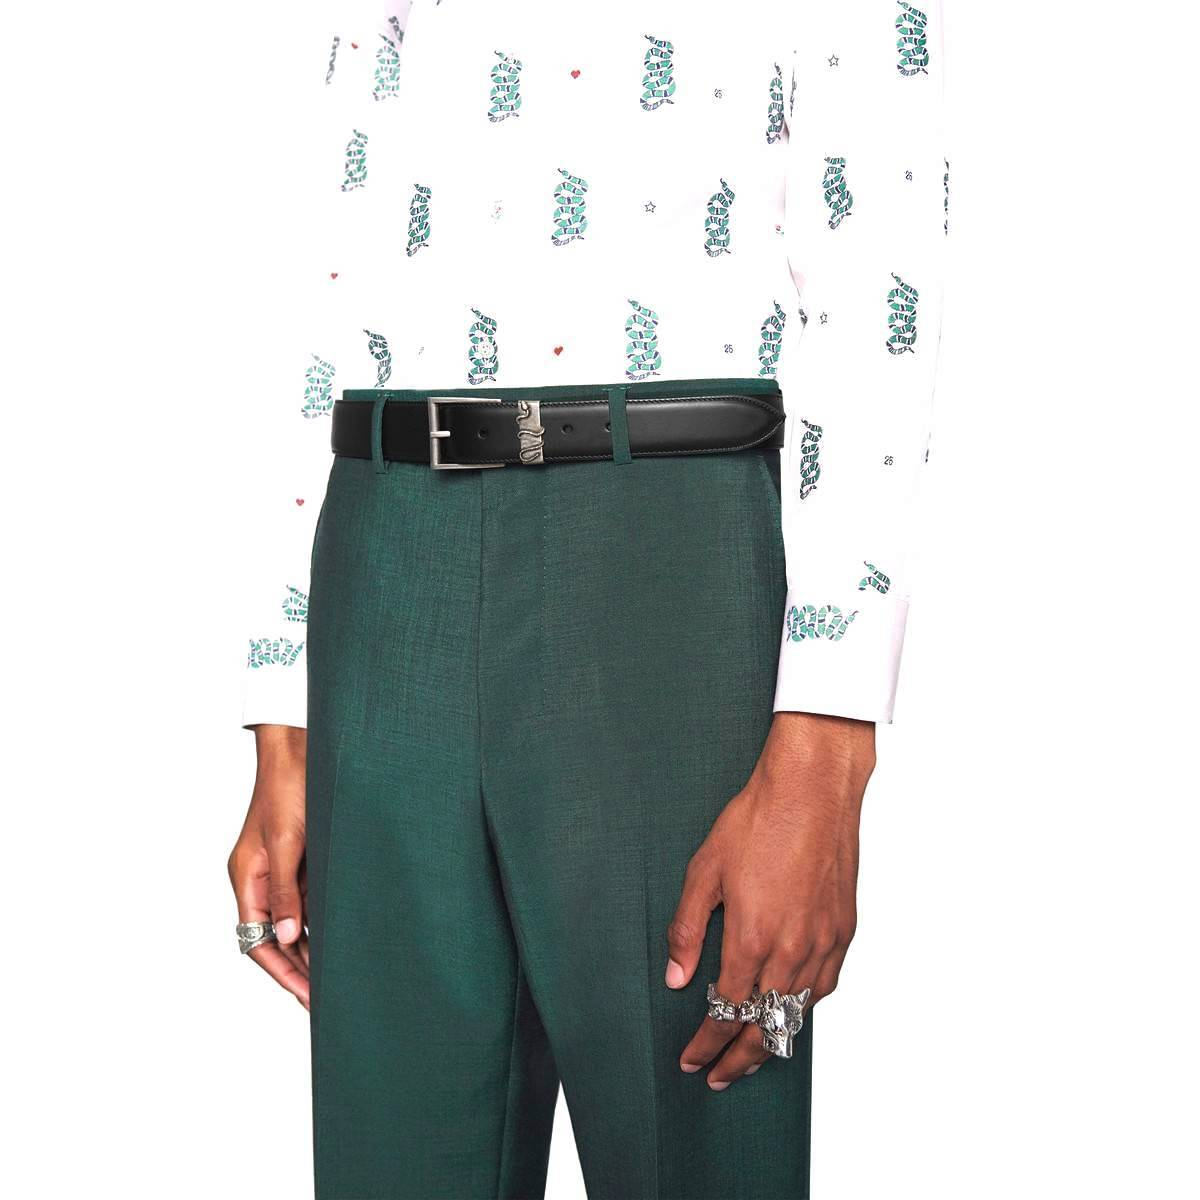 Thắt lưng Gucci chính hãng tại Gucci Việt Nam